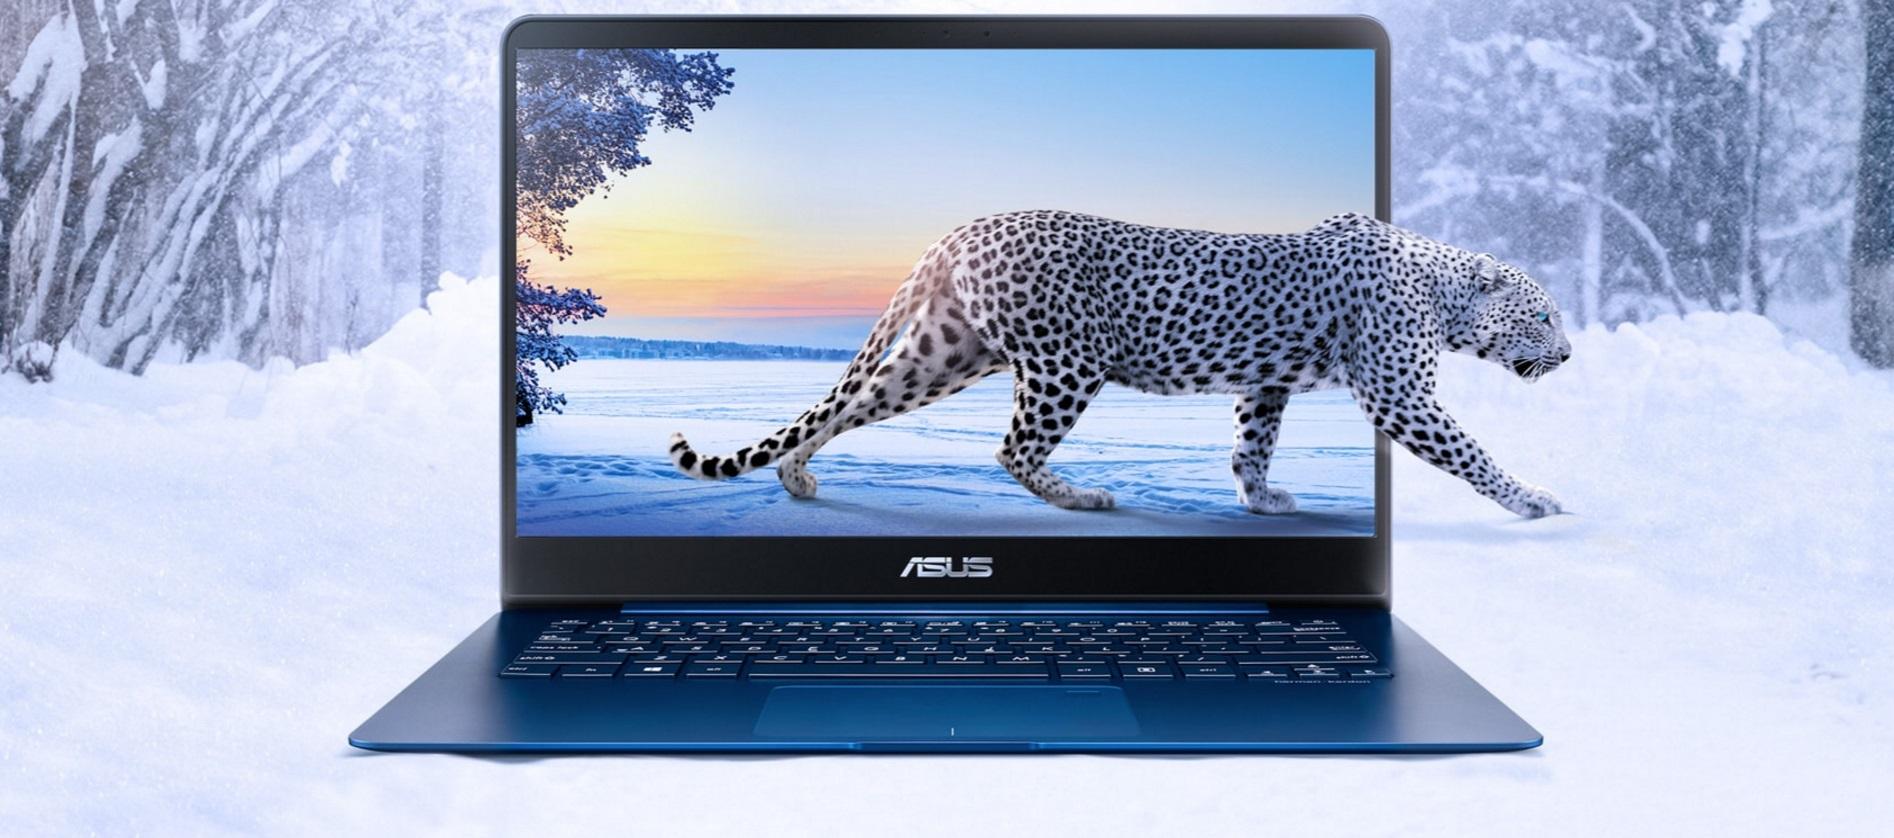 Máy tính xách tay Asus UX430UA-GV126T - Blue - Vỏ nhôm